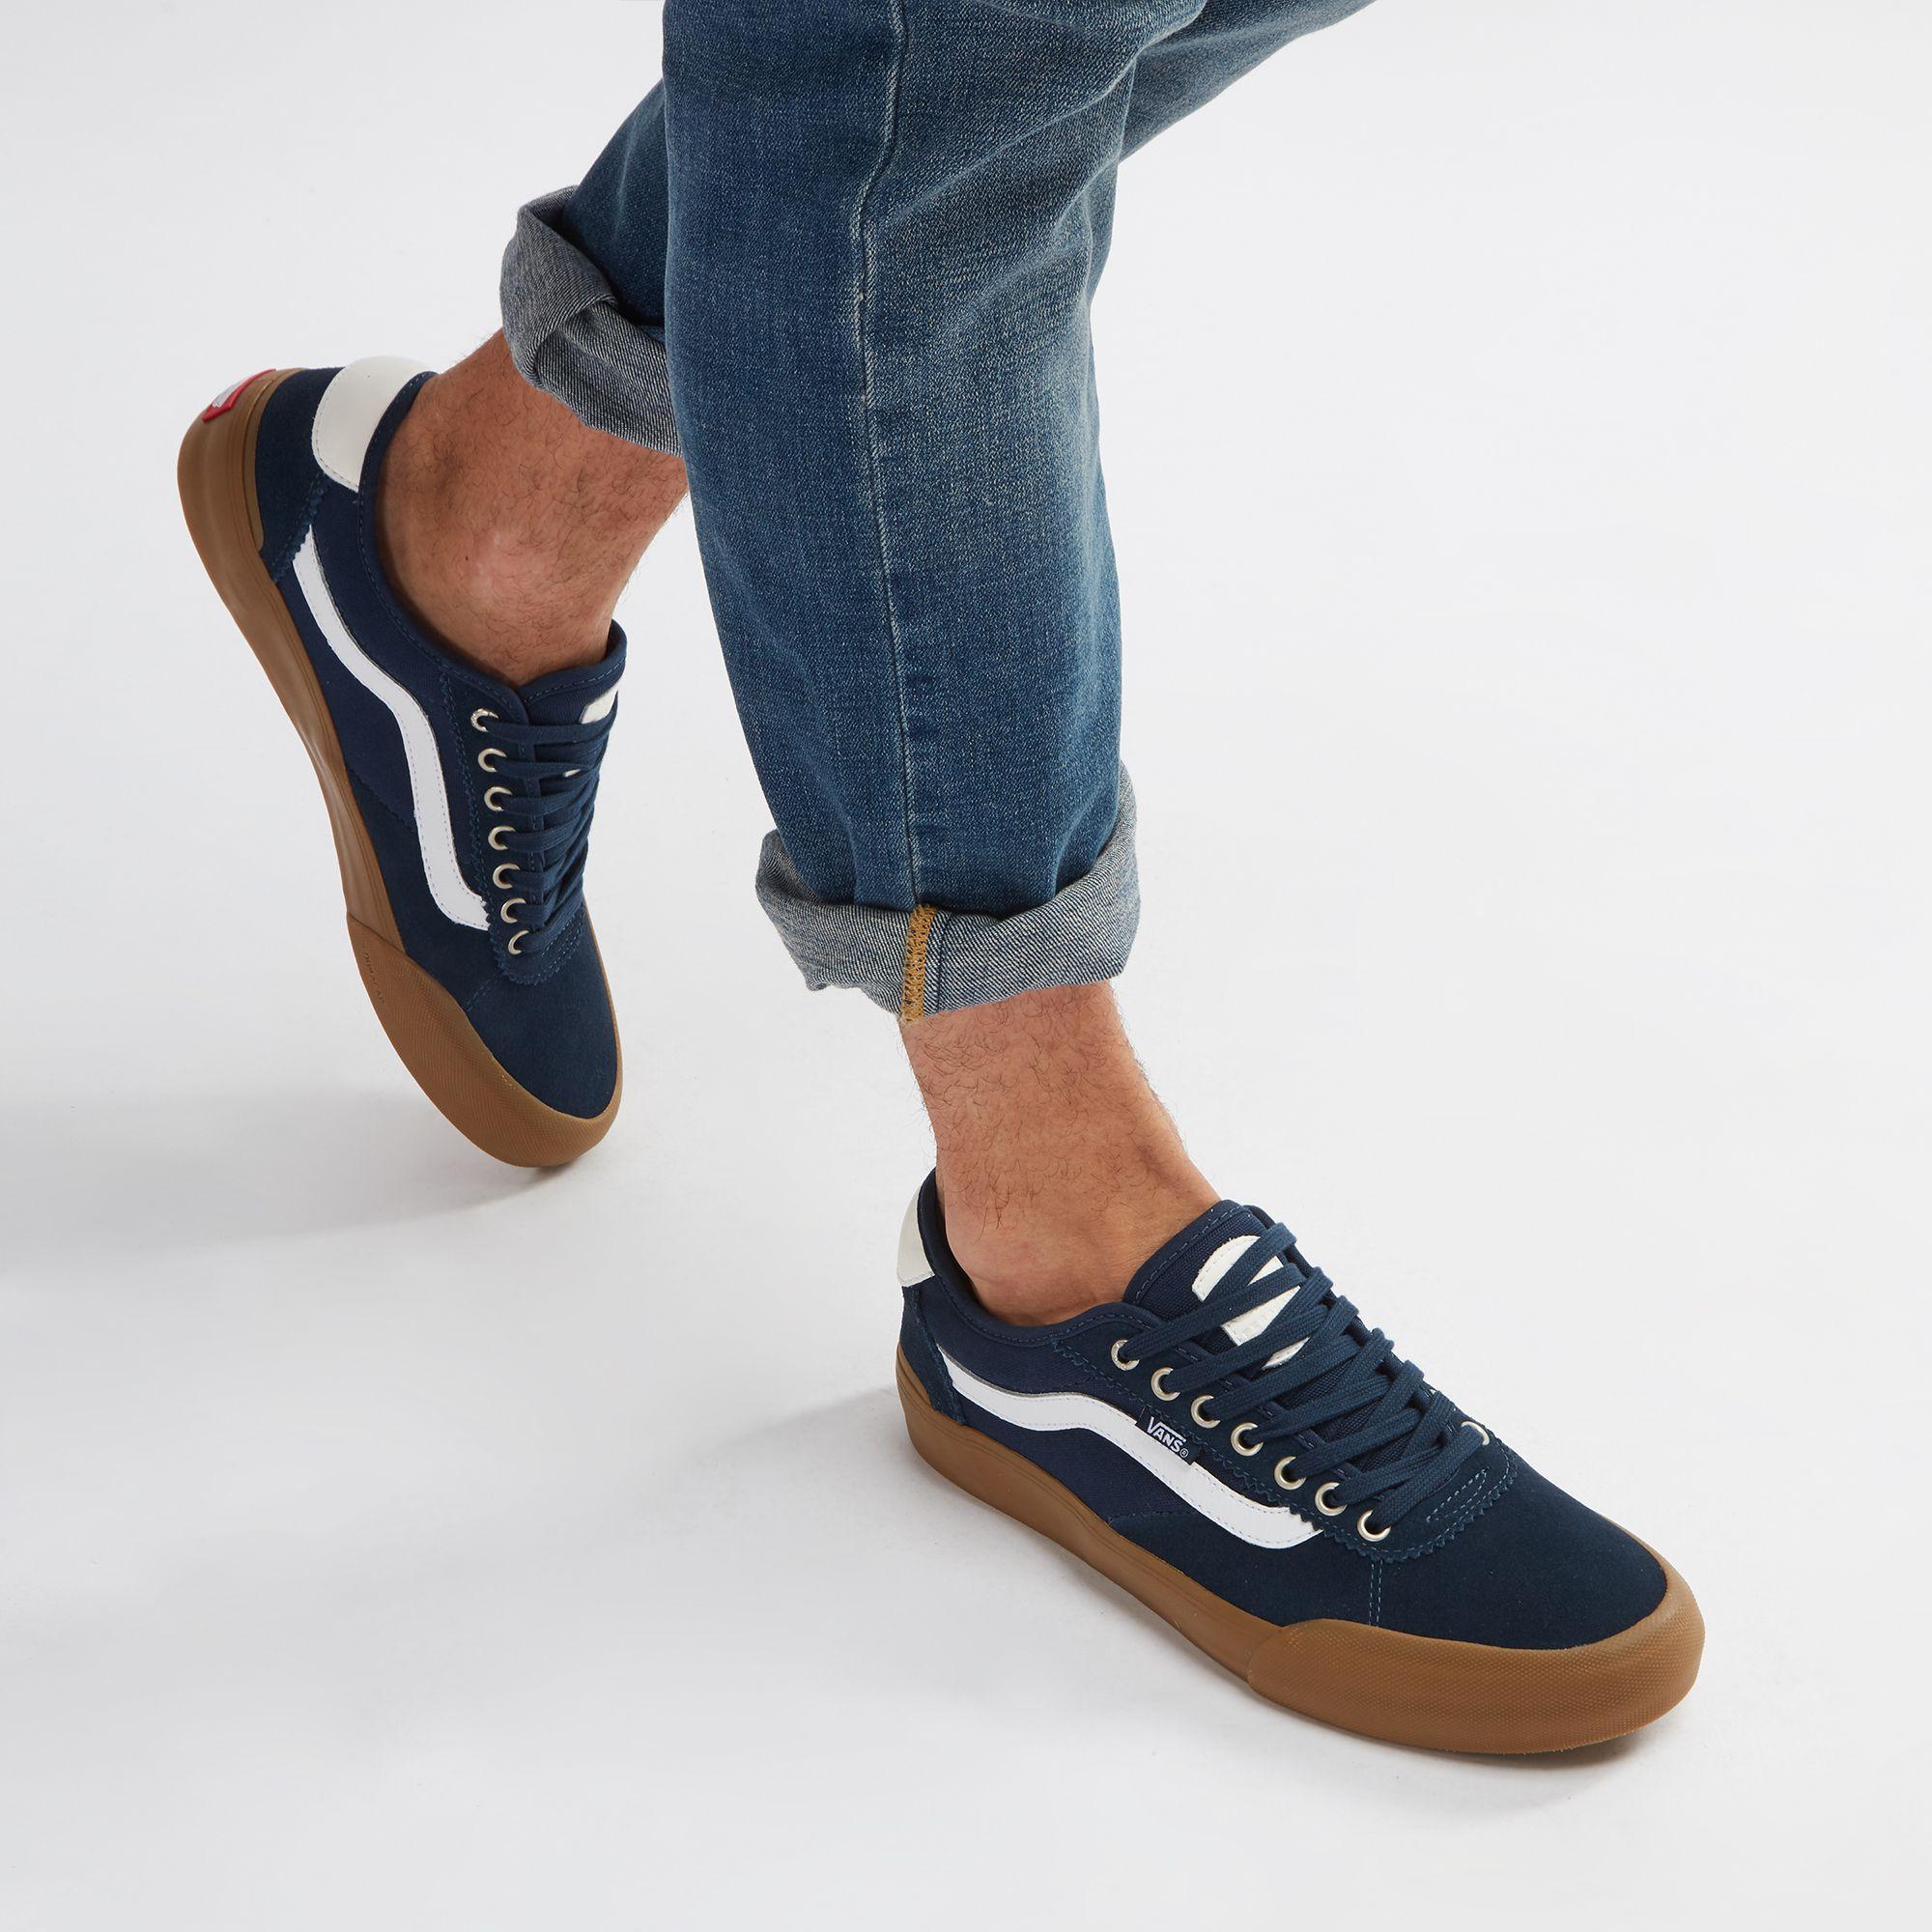 63bae7a0879064 Shop Blue Vans Chima Pro 2 Shoe for Mens by Vans